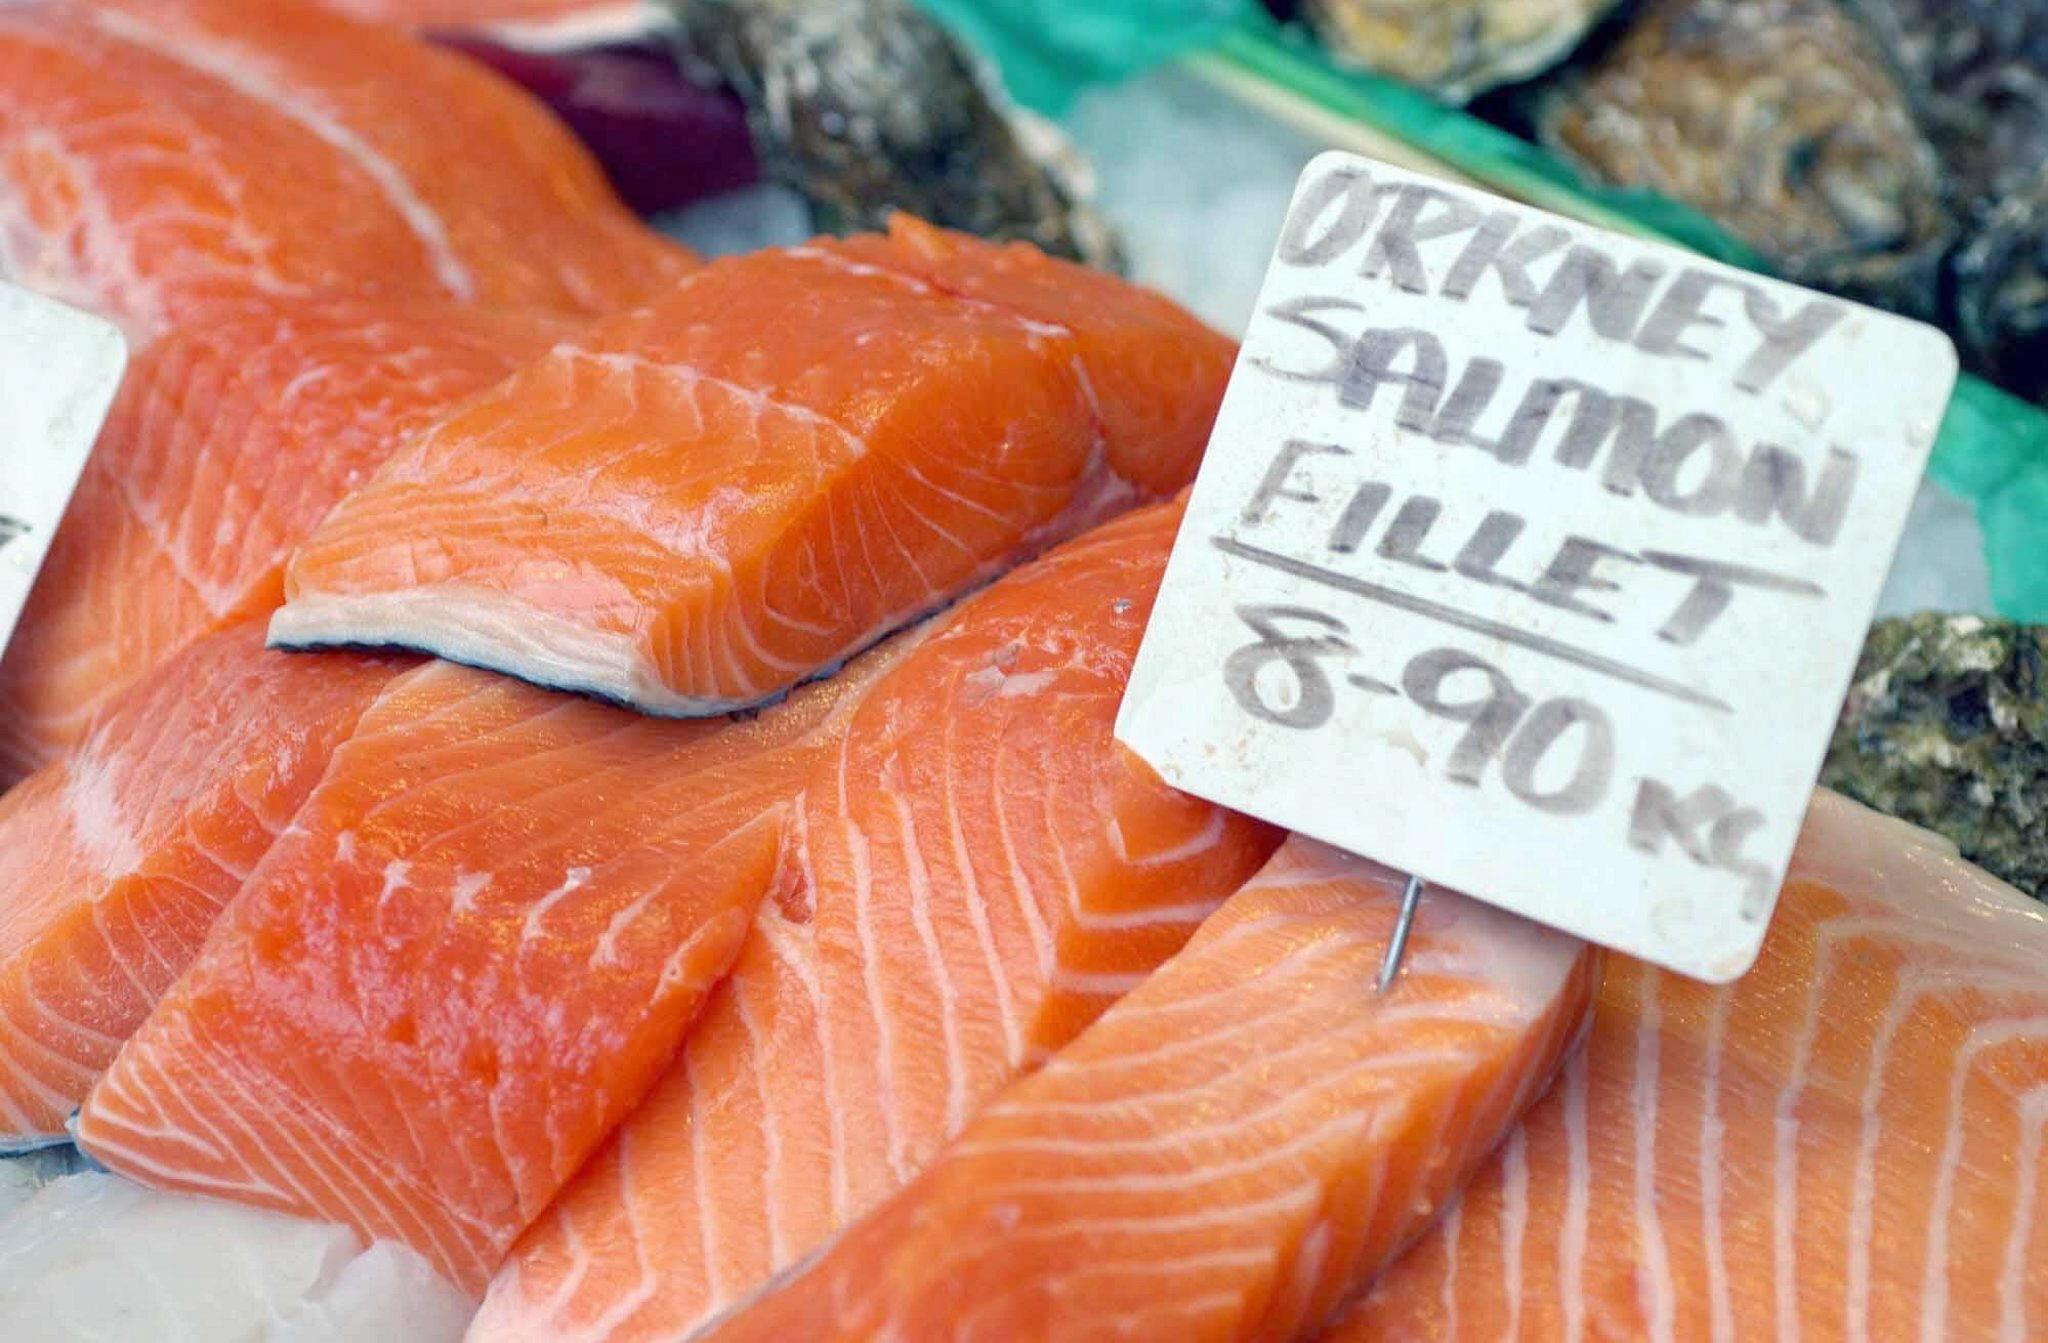 El salmón es una fuente de los ácidos grasos omega 3, muy bueno para la salud. Foto: Matt Writtle